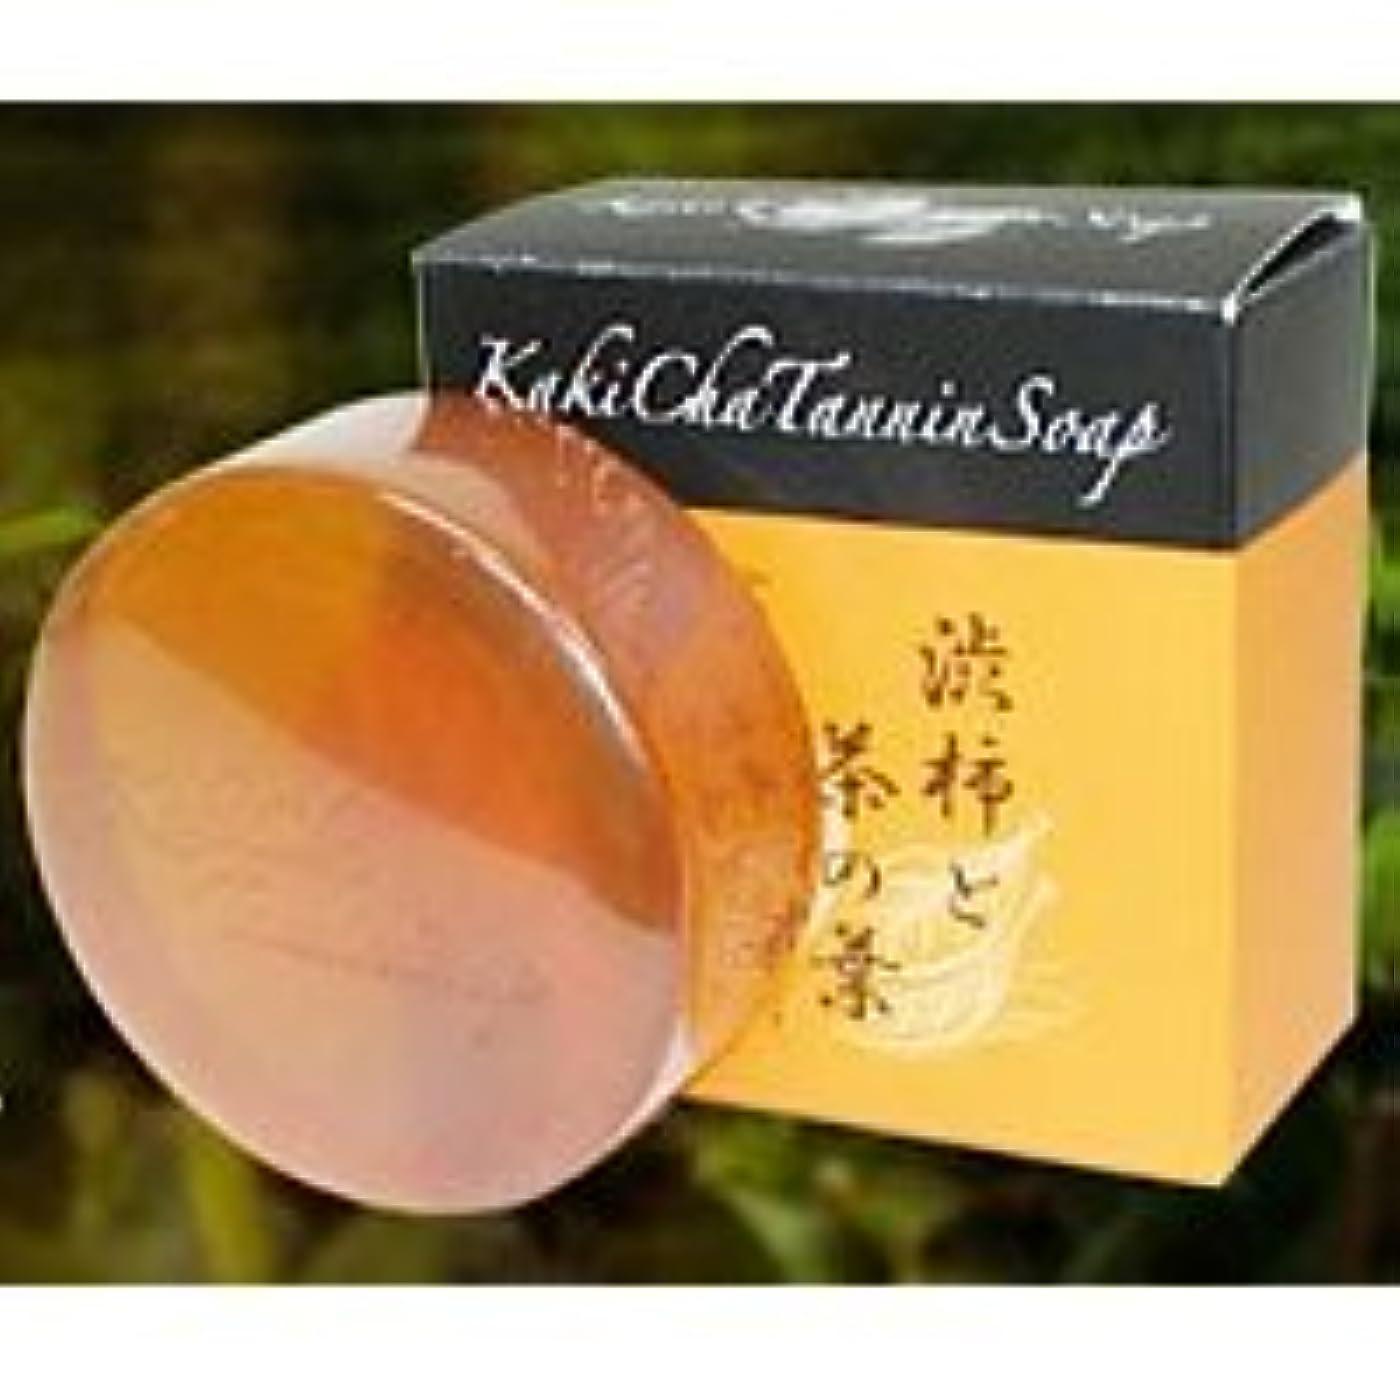 ハーネスレッスンスマッシュカキチャタンニンソープ 安心の日本製 カキチャタンニンソープ (マイルドクリアソープ) カキチャ タンニンソープ 柿渋ソープ